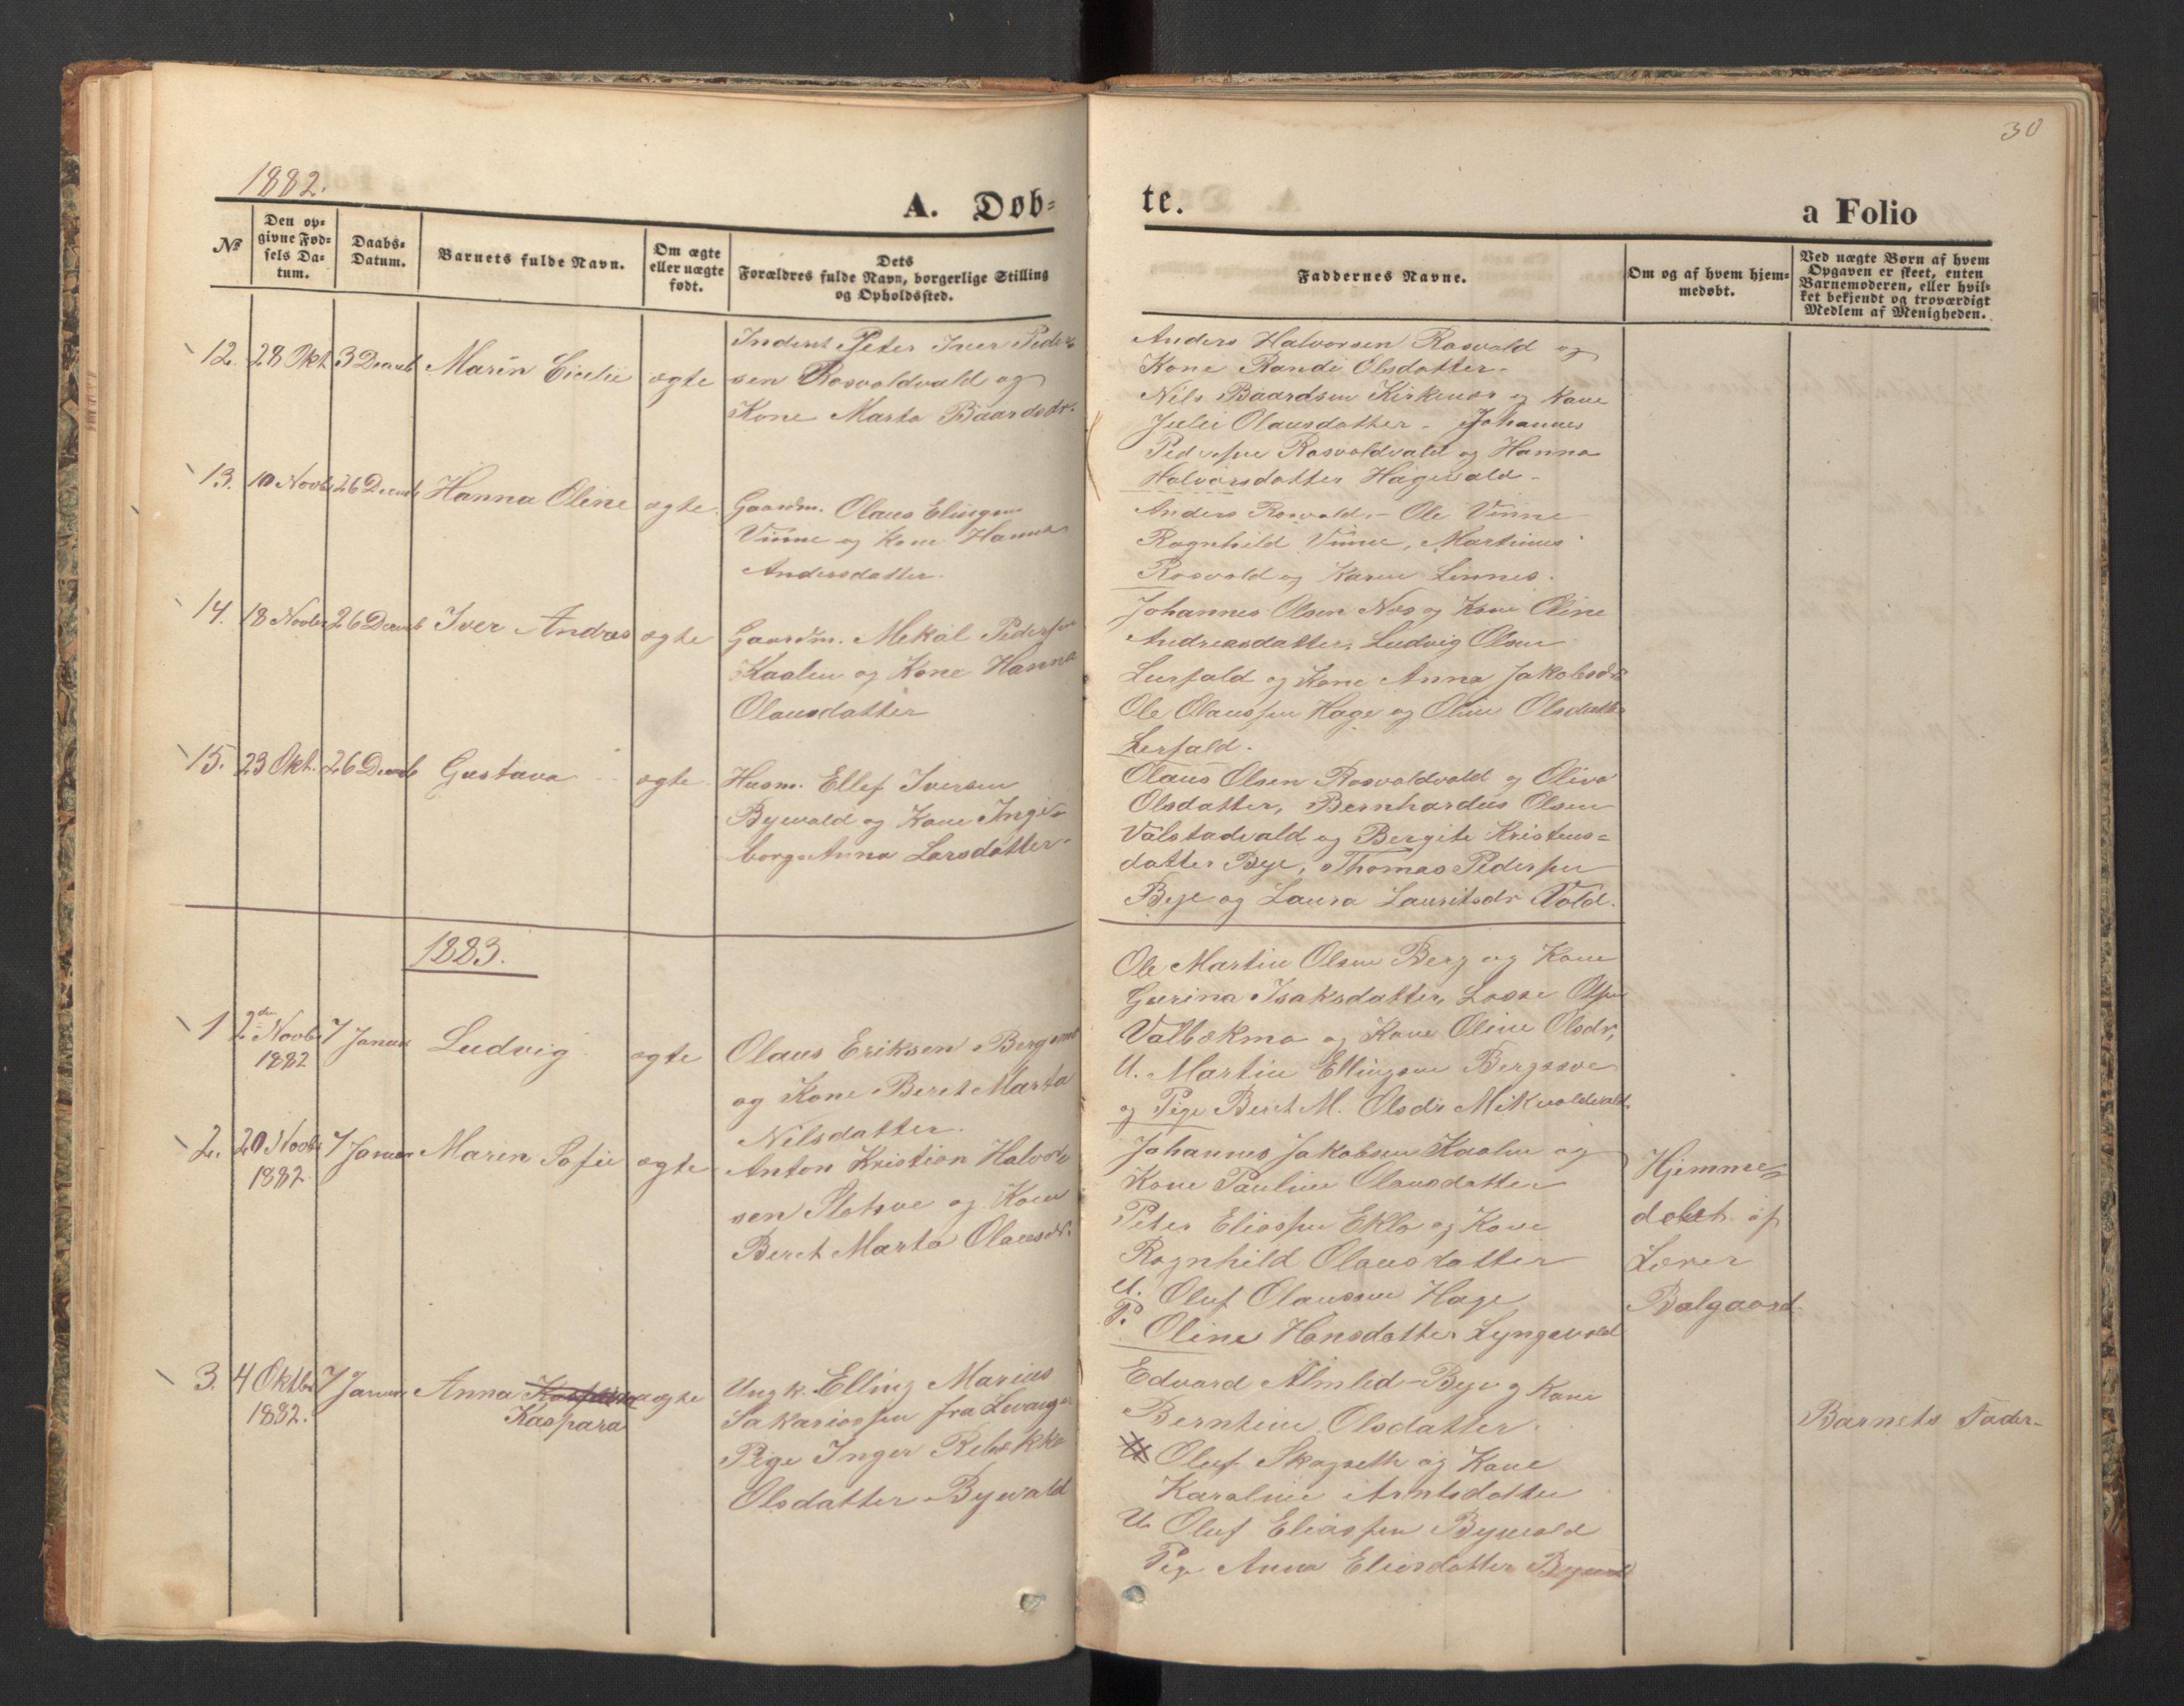 SAT, Ministerialprotokoller, klokkerbøker og fødselsregistre - Nord-Trøndelag, 726/L0271: Klokkerbok nr. 726C02, 1869-1897, s. 30